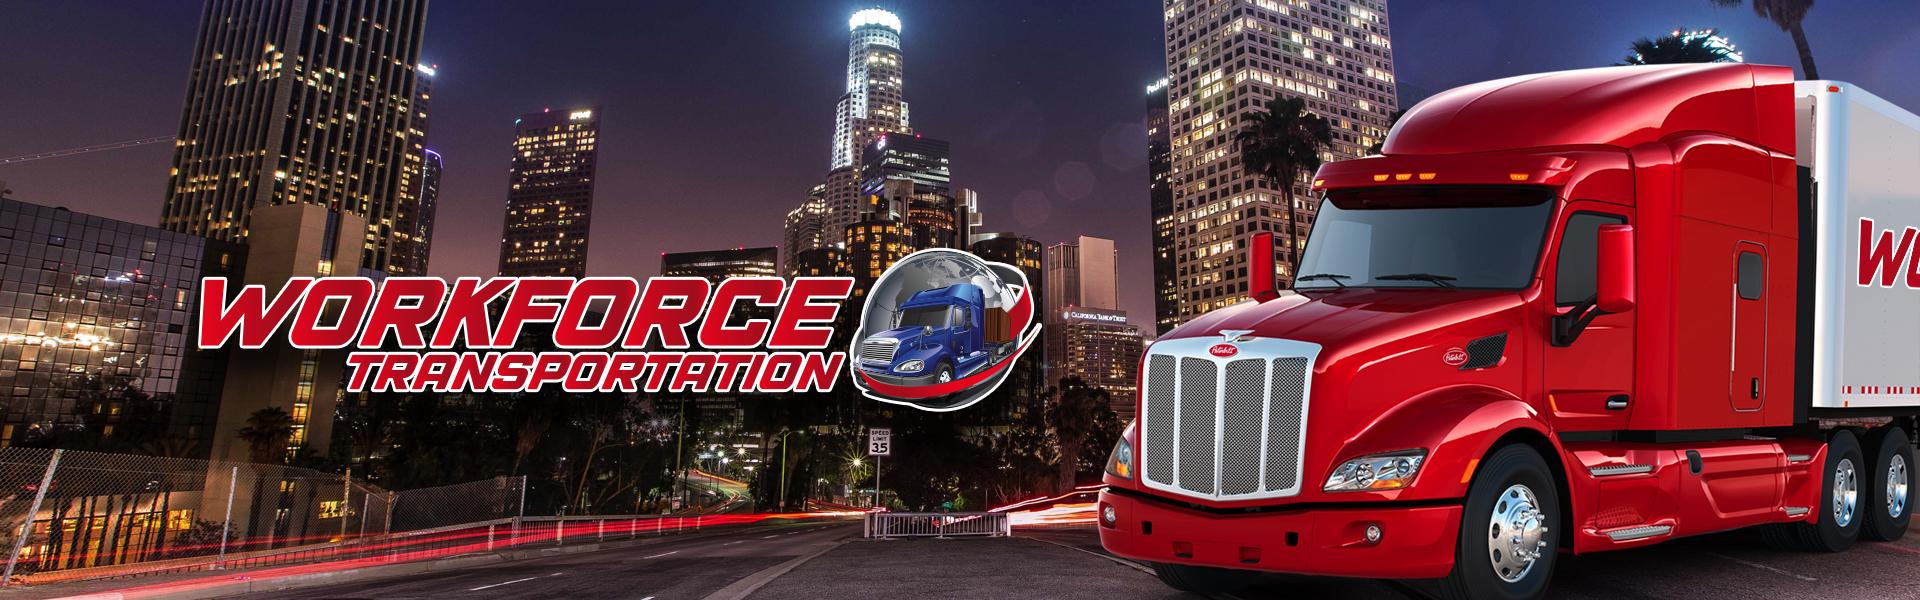 Workforce Enterprises - Banner Transportation